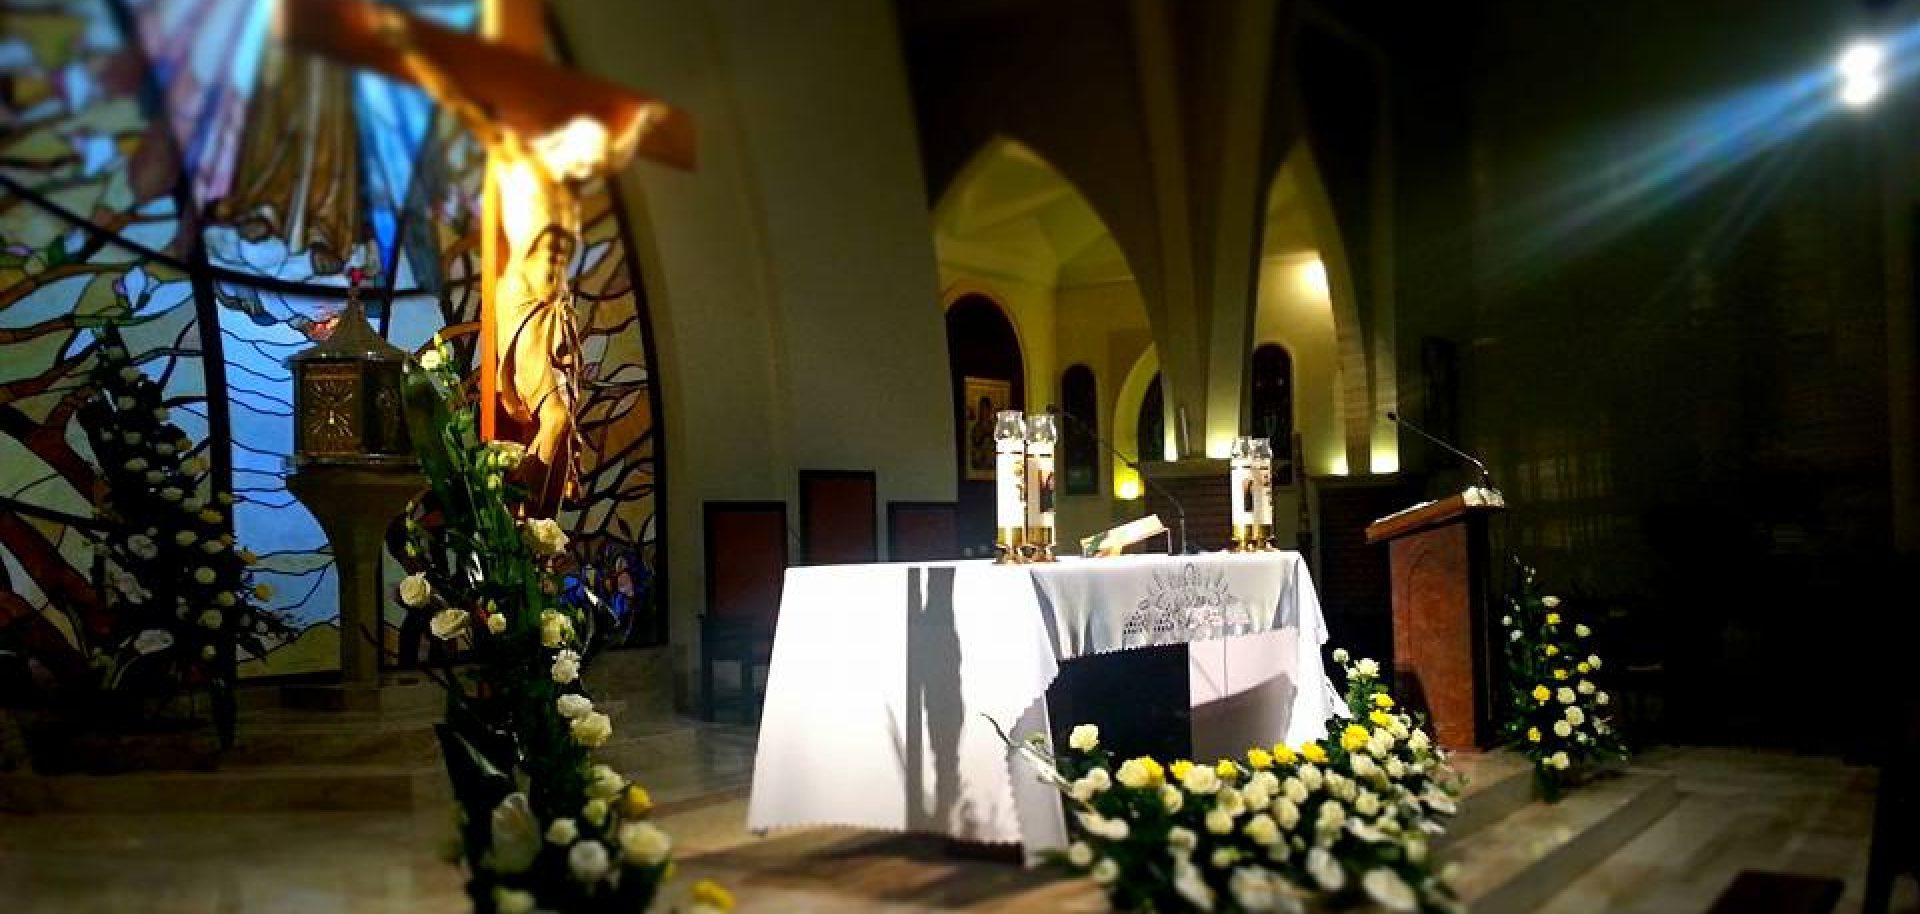 Rzymskokatolicka Parafia pw. św. Faustyny we Wrocławiu